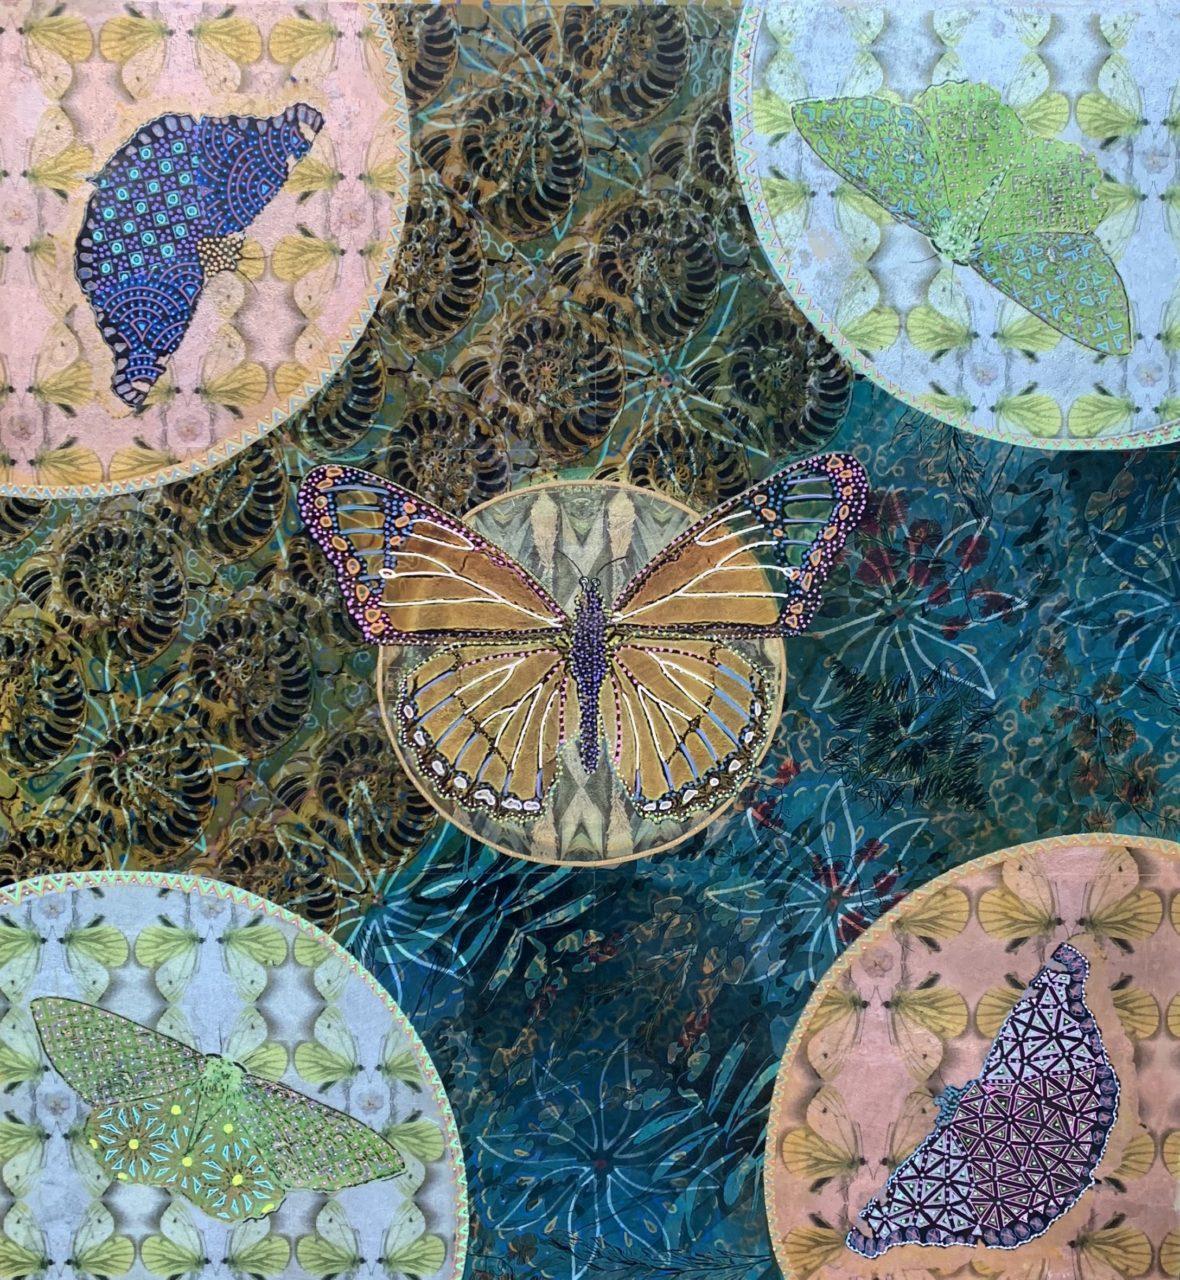 Papiliones et Nocte